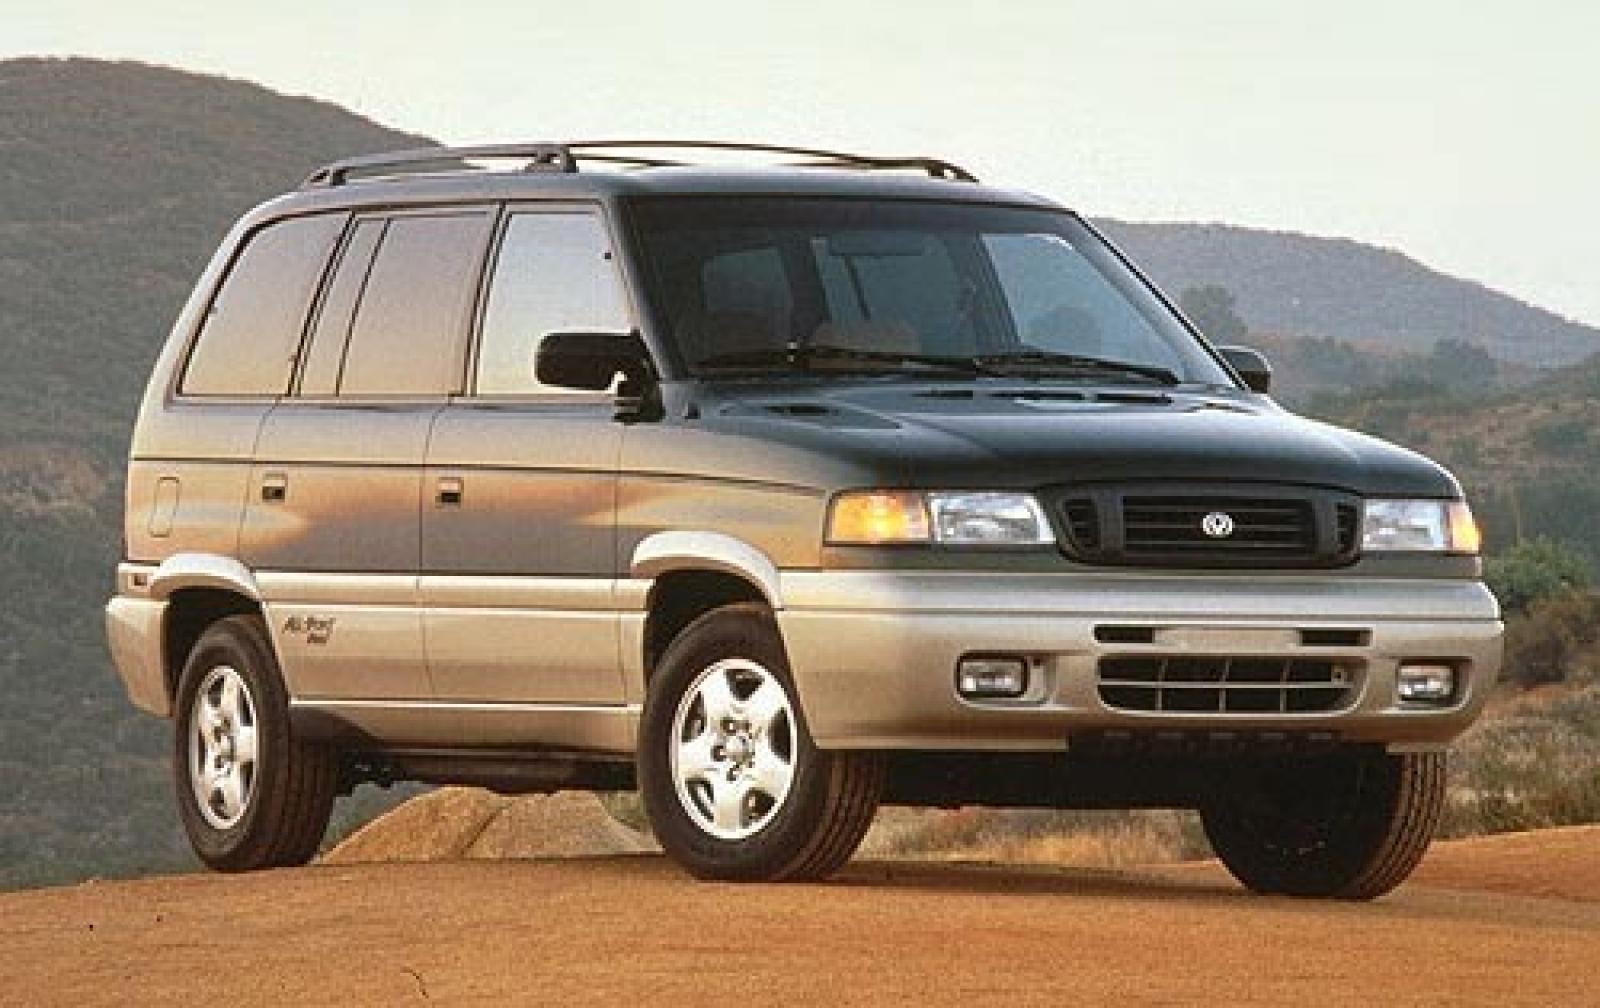 800 1024 1280 1600 origin 1998 Mazda MPV ...